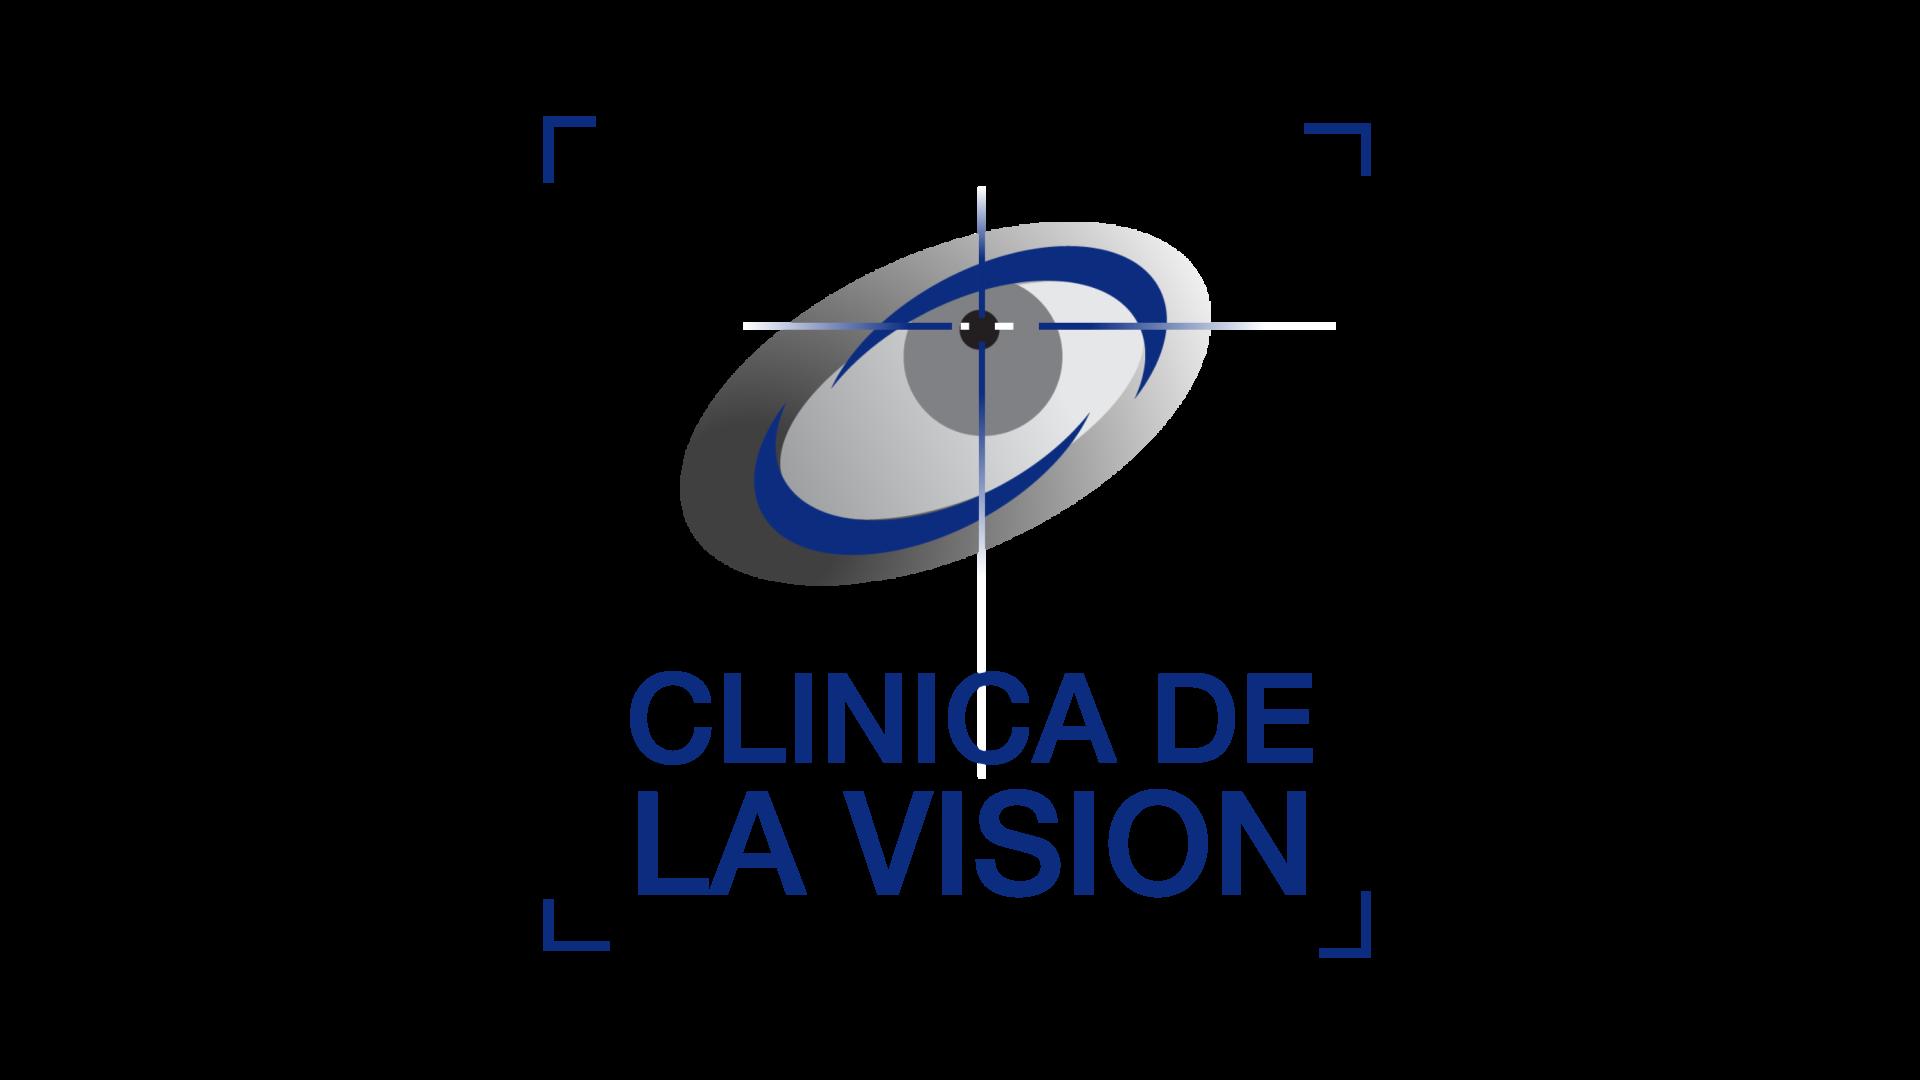 Clinica de la Vision. General Pico La Pampa.